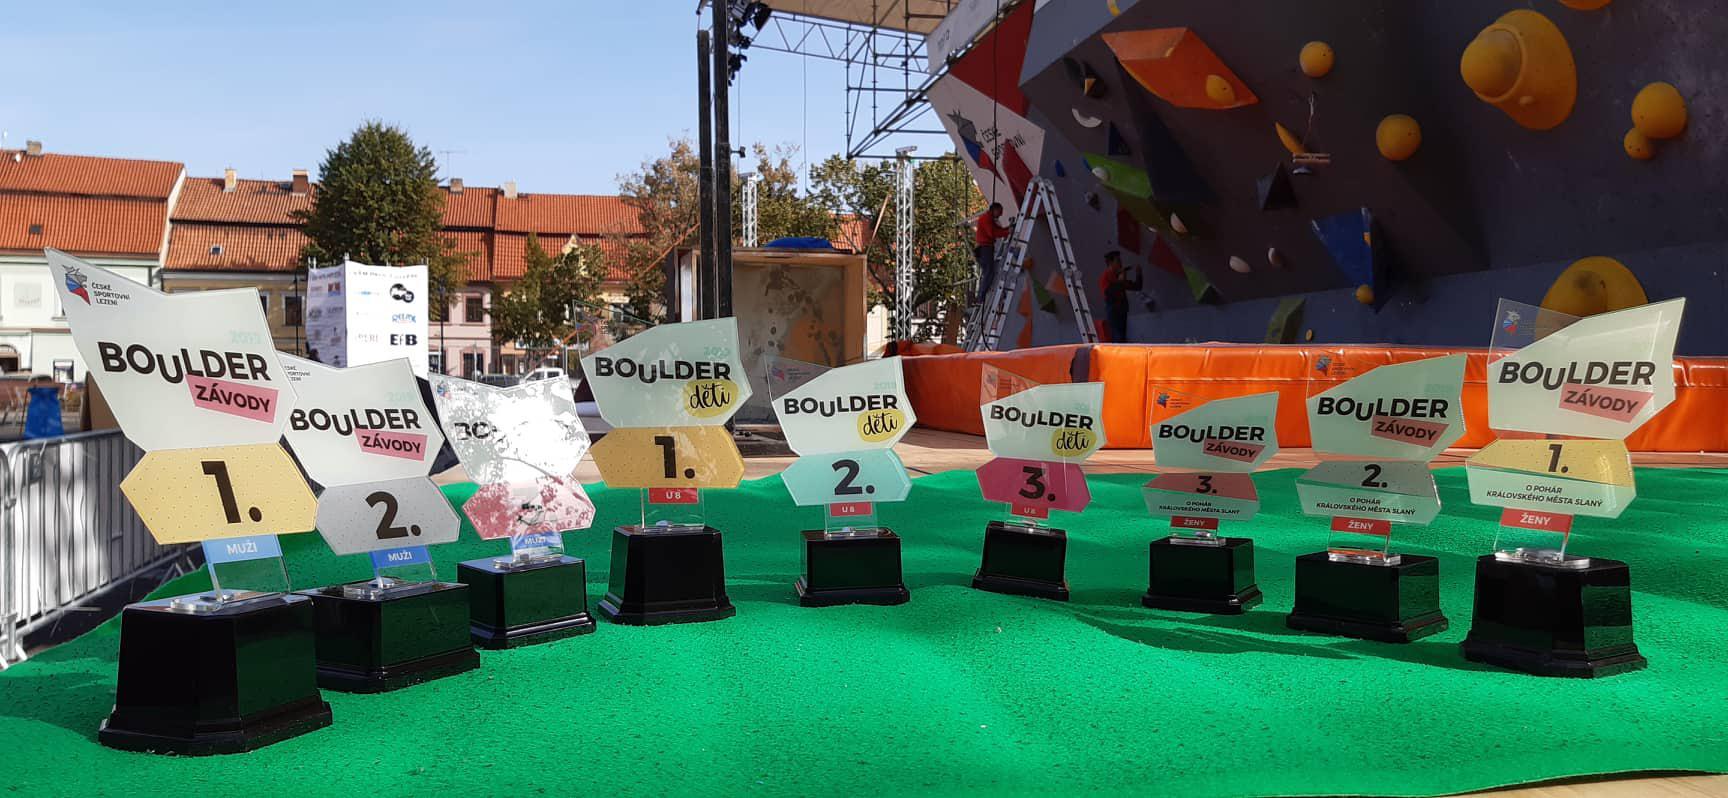 Finálový BoulderVíkend startuje už dnes! Doražte do Slaného!